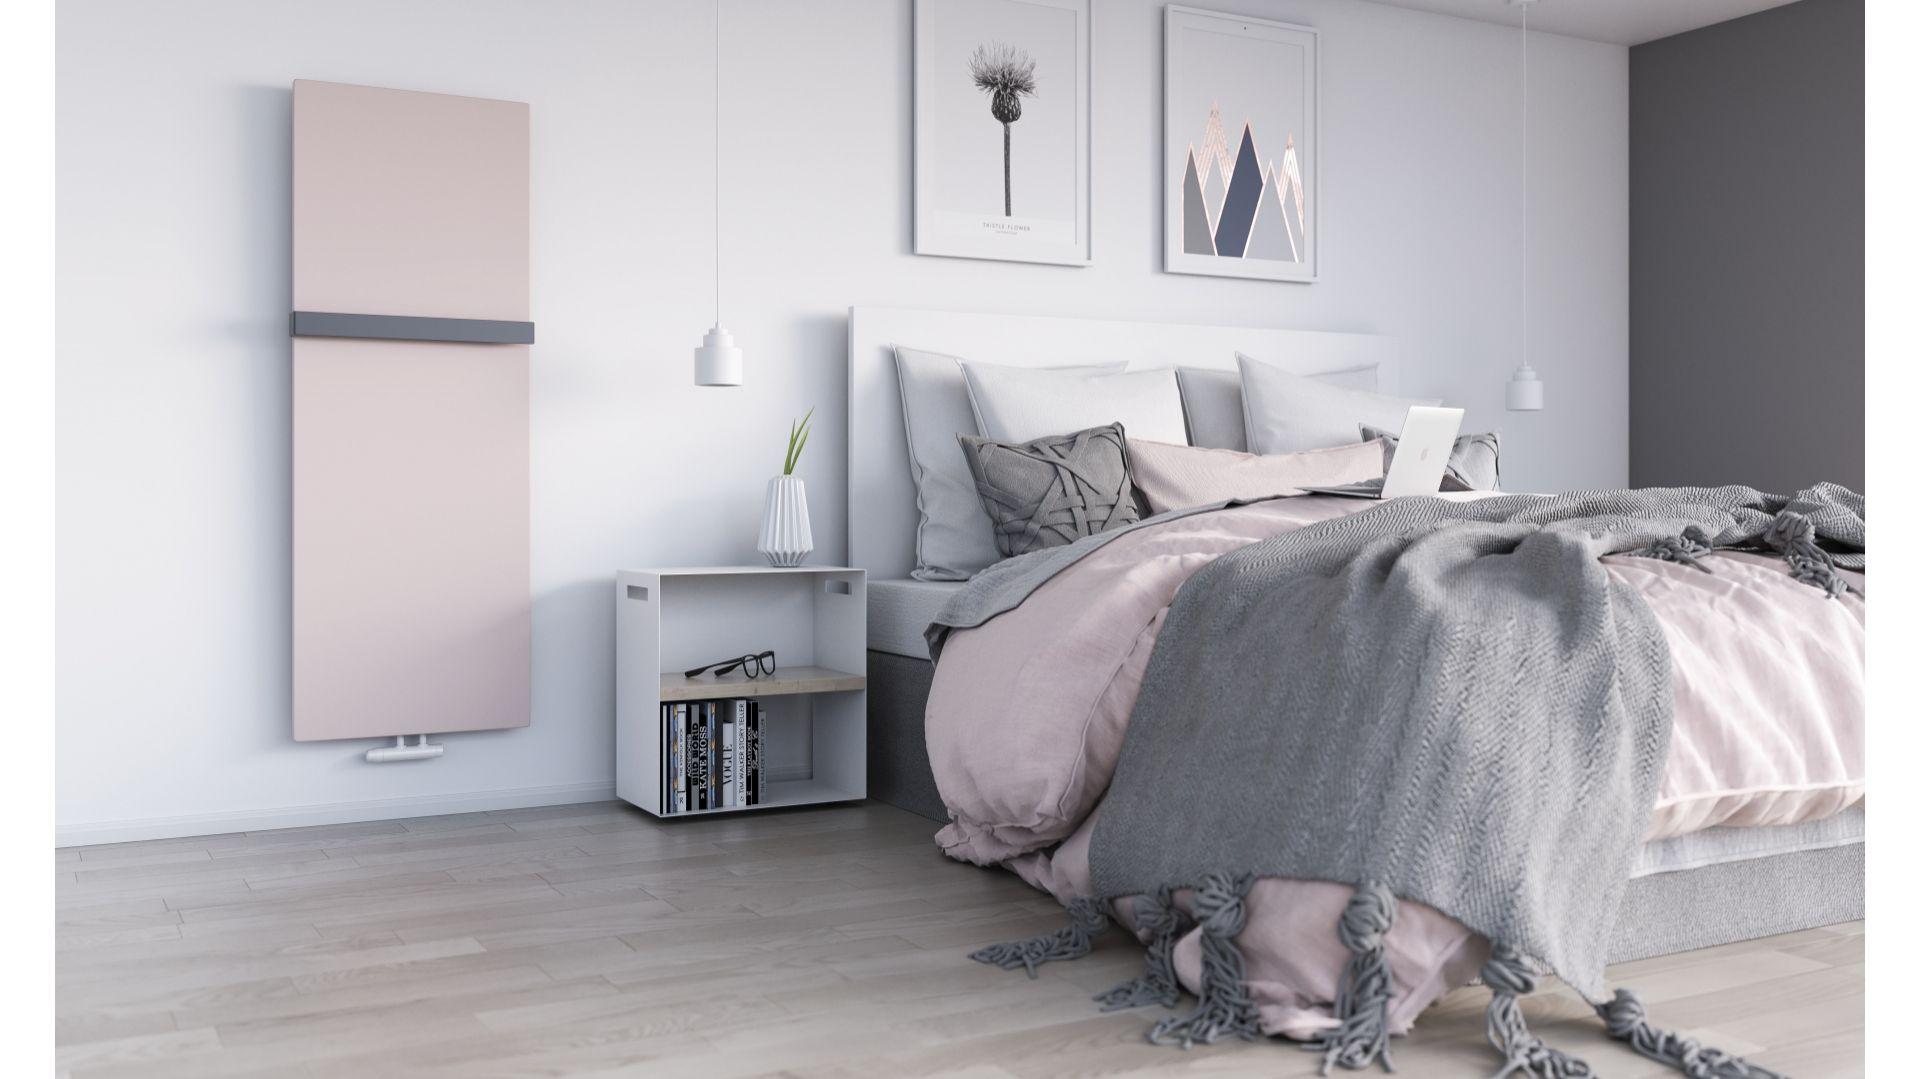 Grzejnik dekoracyjny Arran/Purmo. Produkt zgłoszony do konkursu Dobry Design 2019.